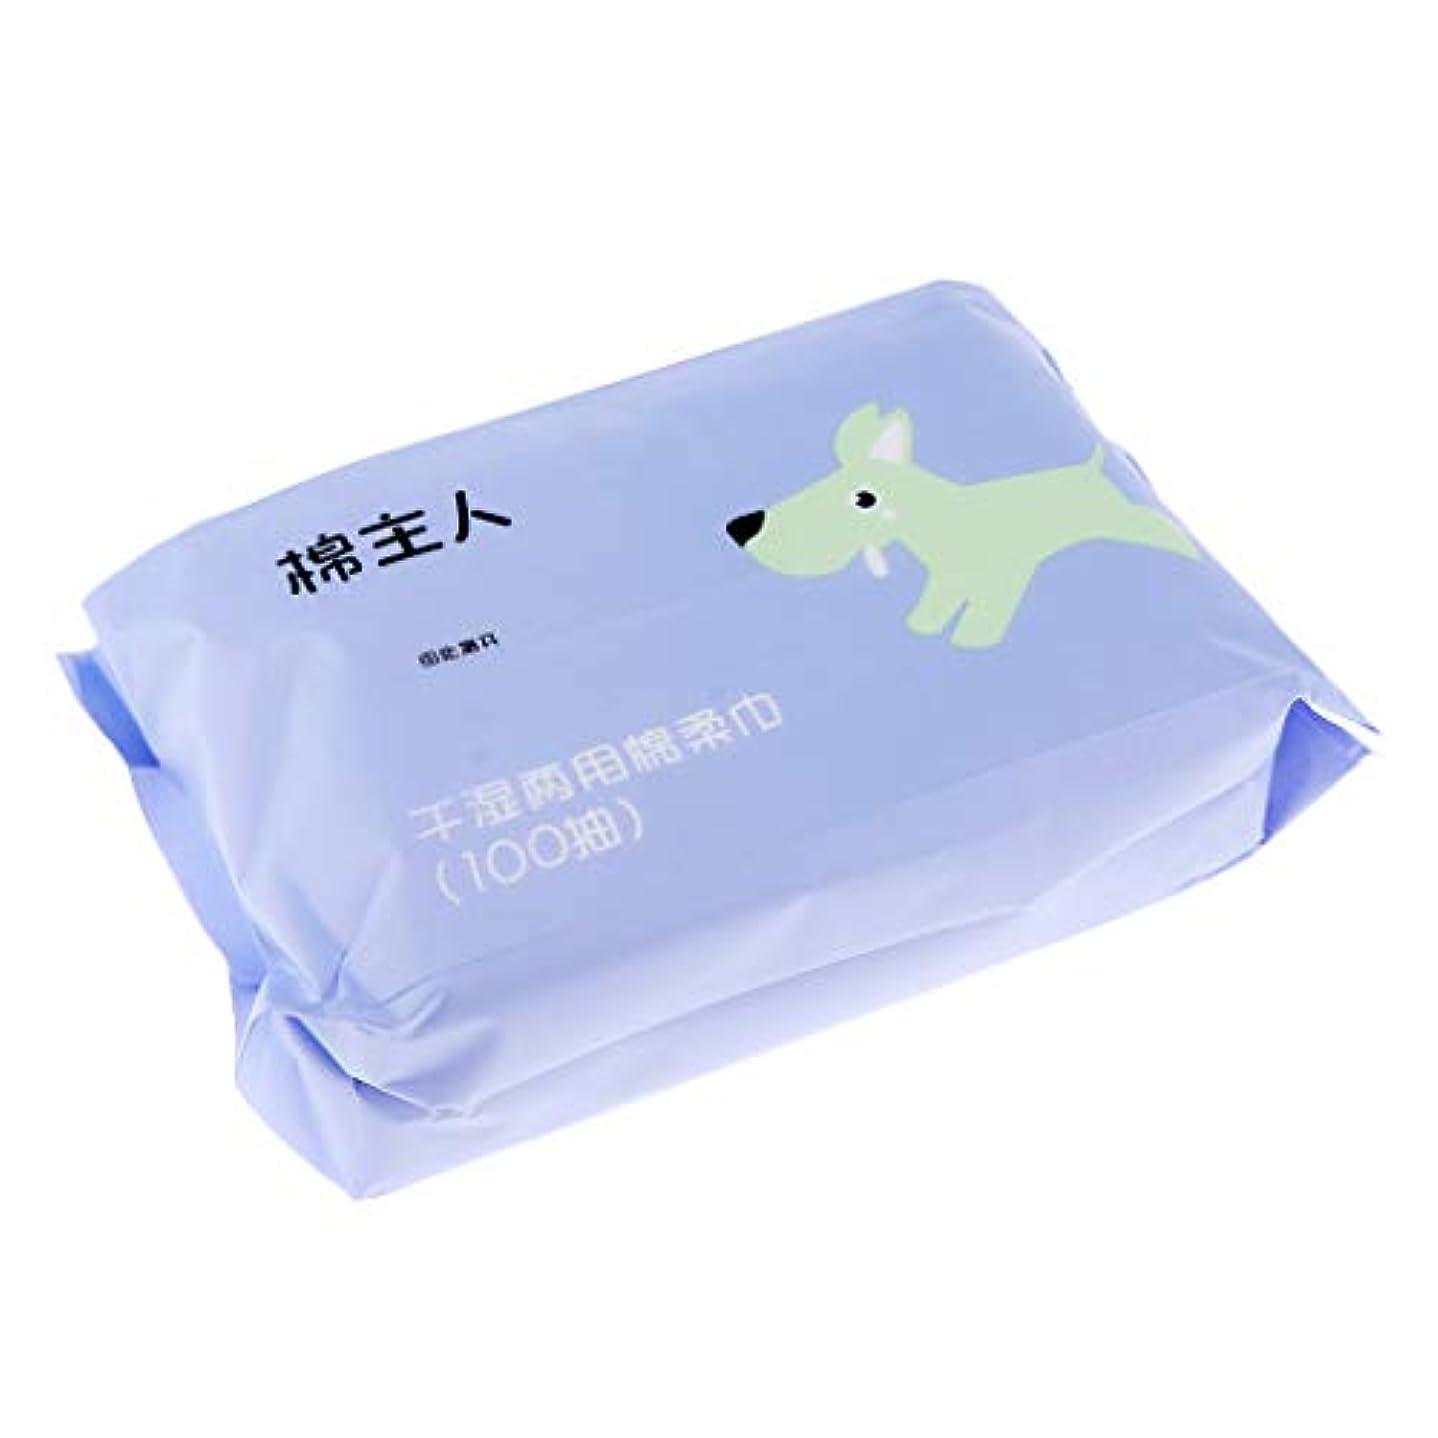 B Blesiya 約100枚 使い捨て クレンジングシート メイク落とし 化粧品 ソフト 2色選べ  - 青紫